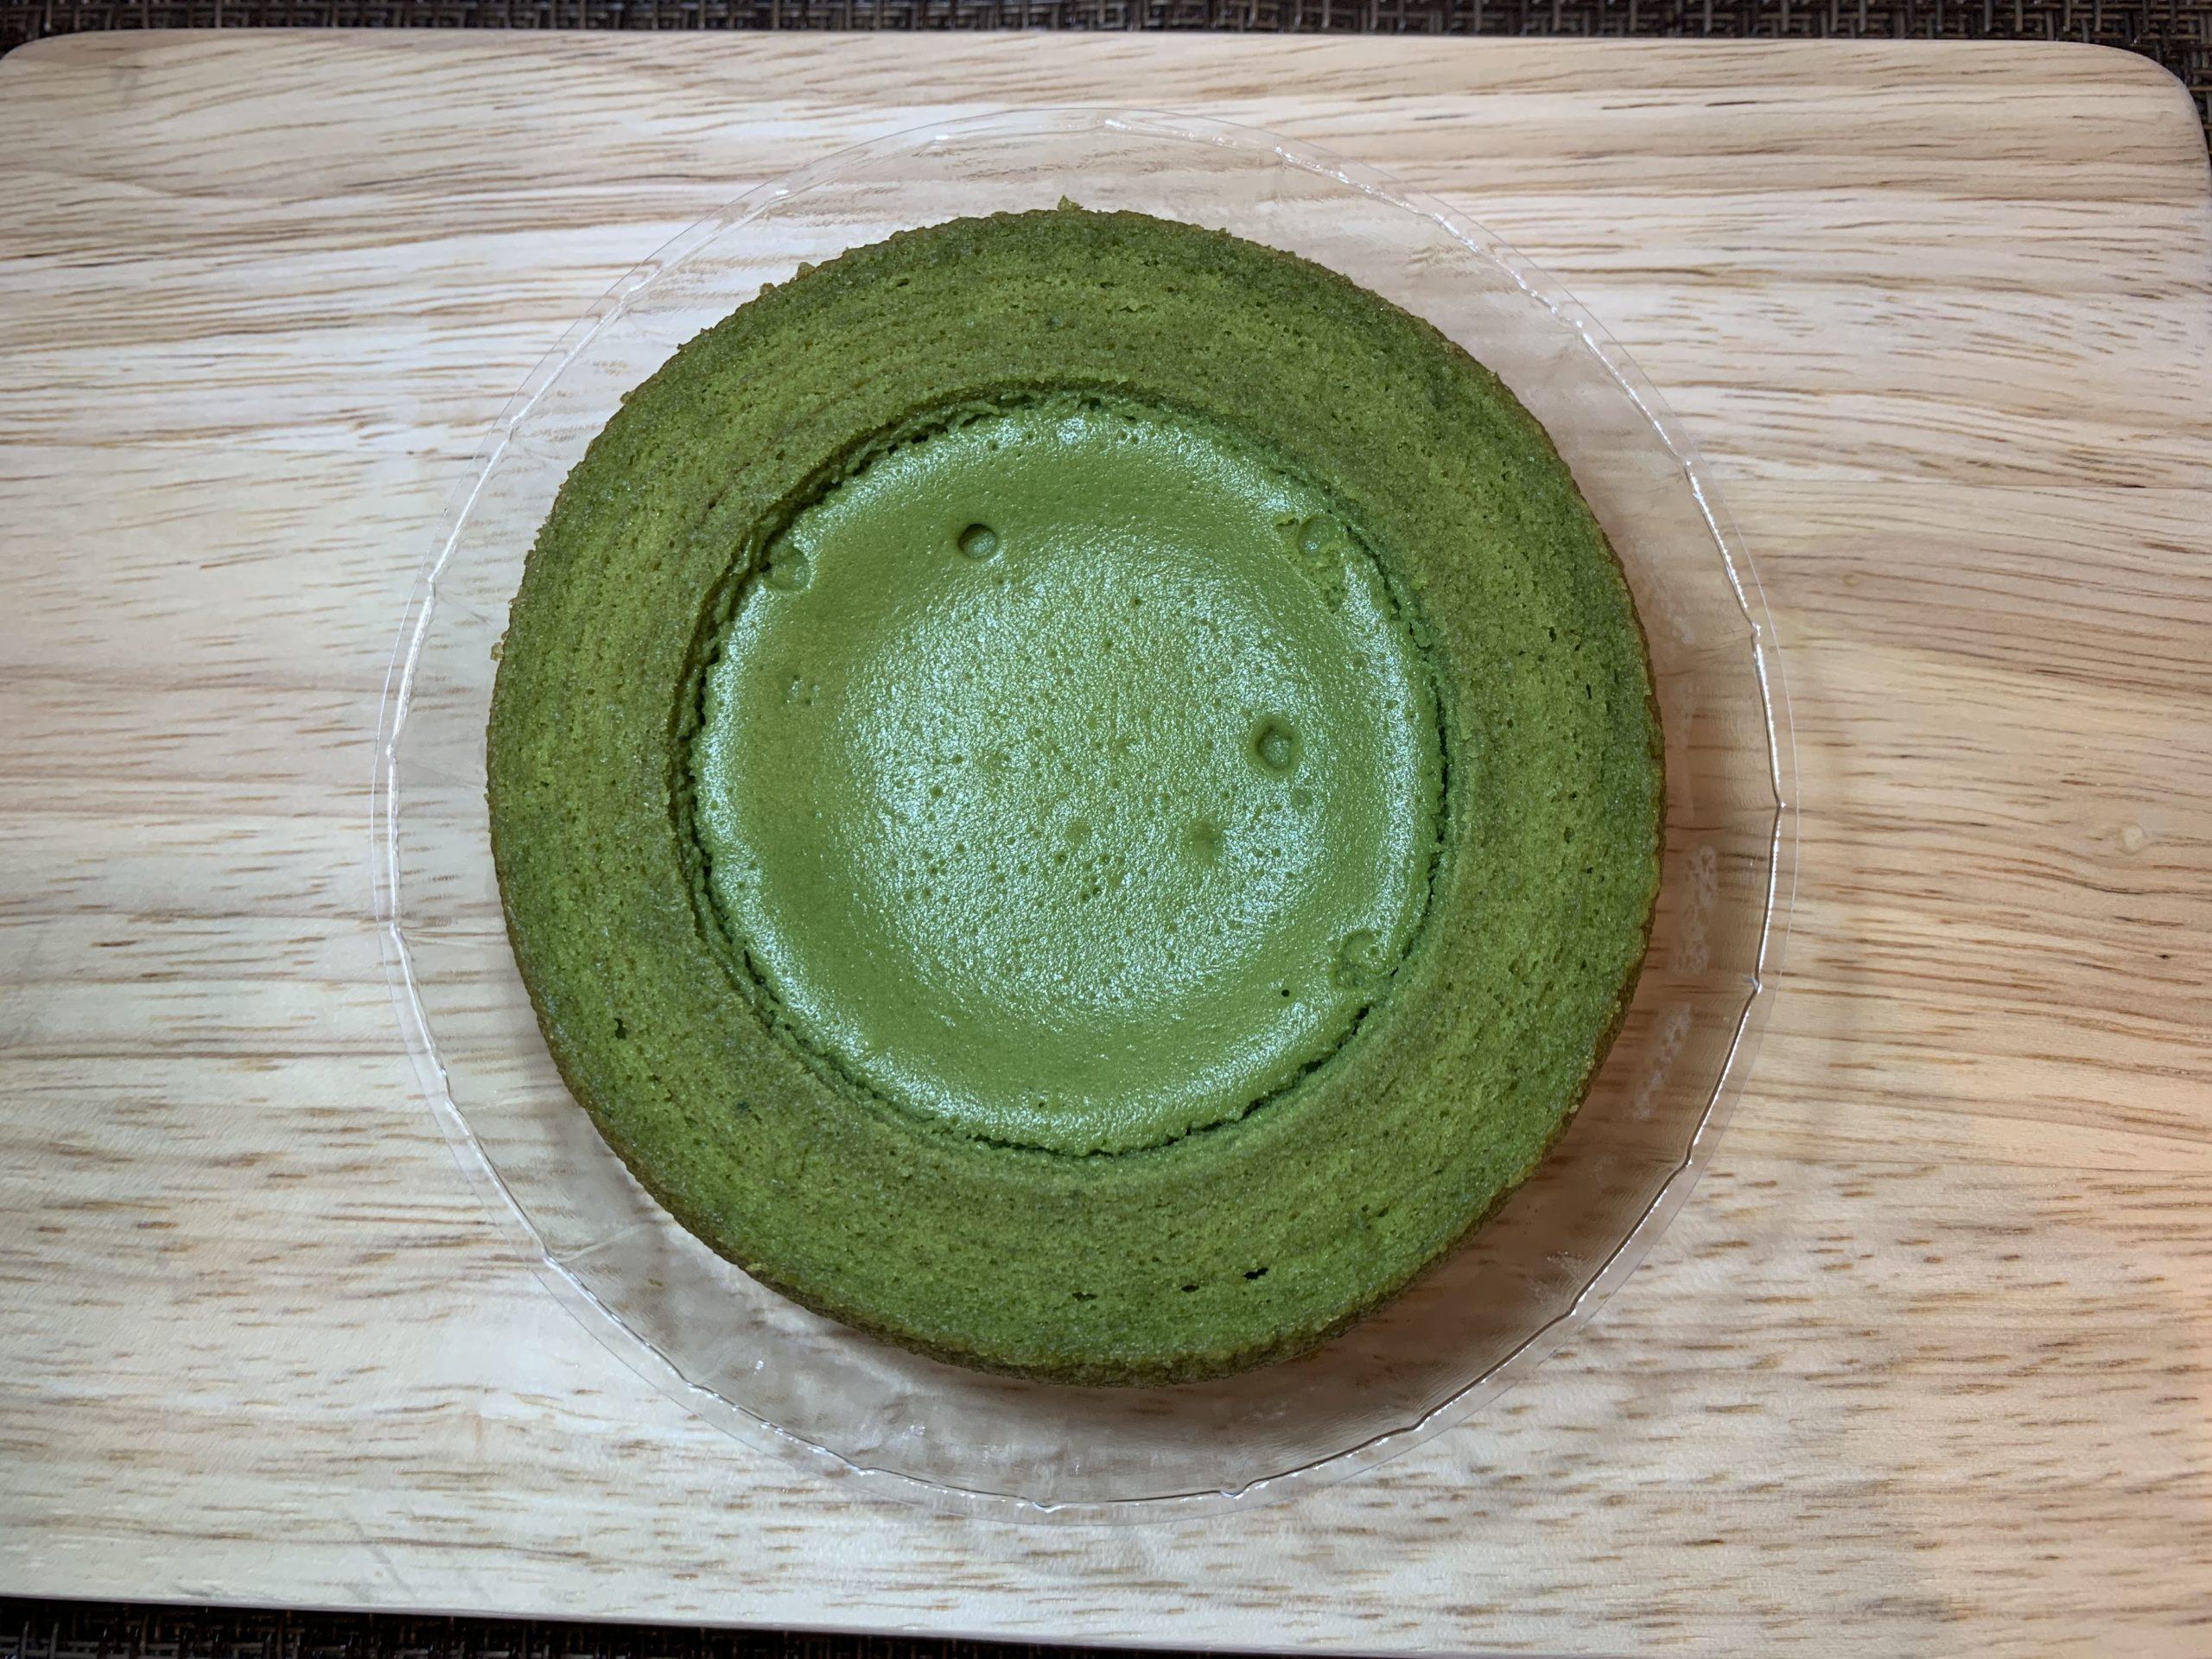 ファミマスイーツ抹茶スイーツ2選食べ比べ:旨み抹茶チーズケーキのバウム